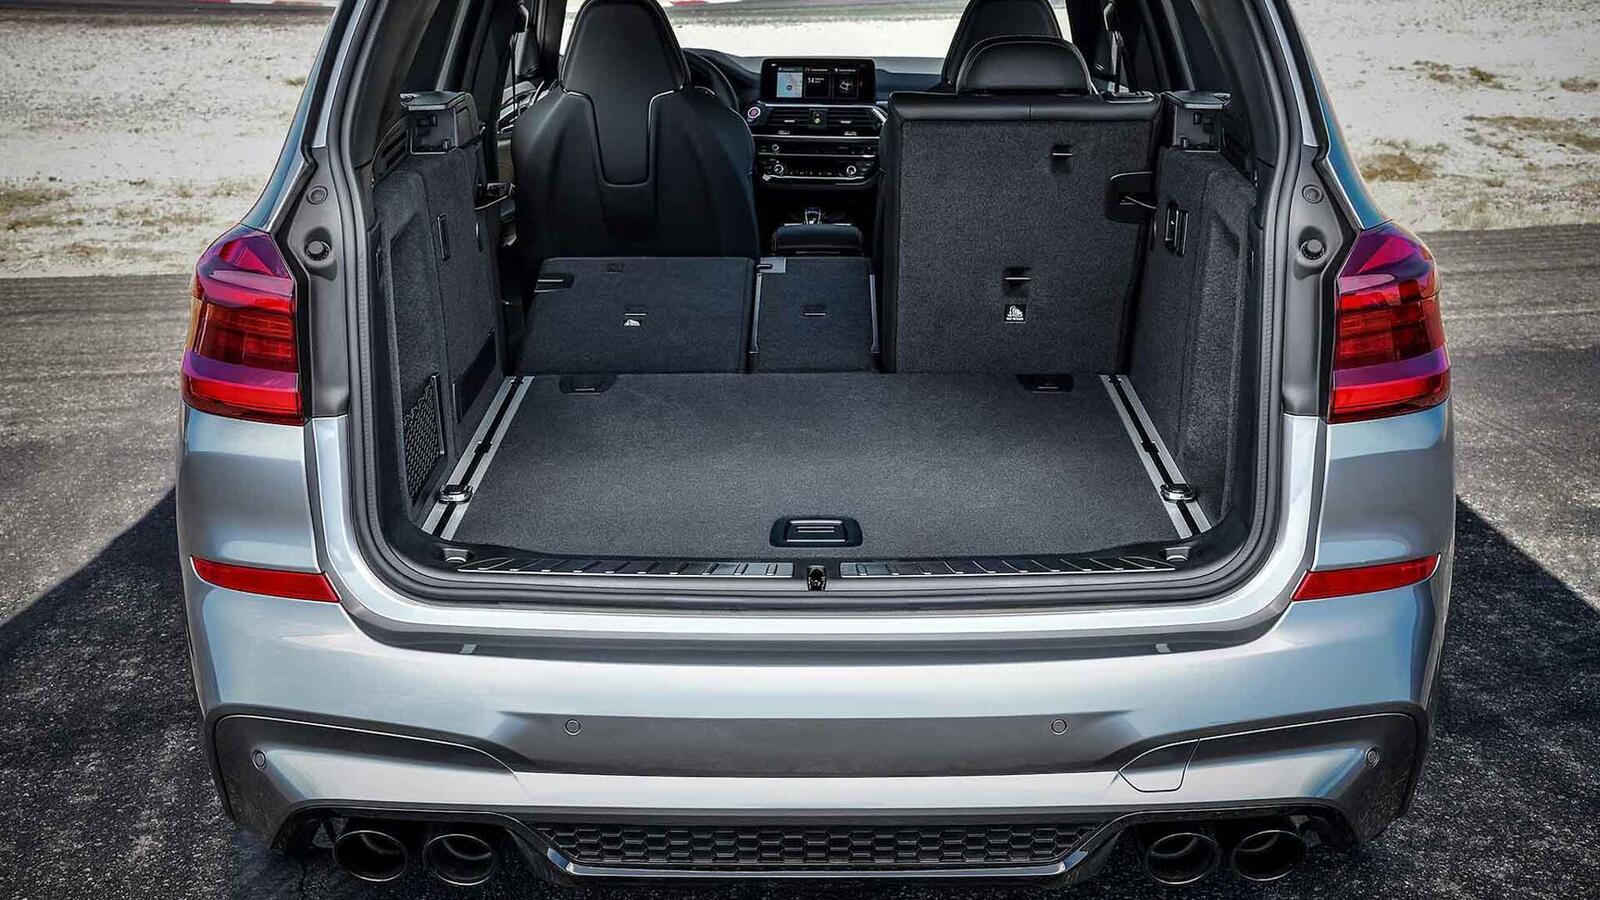 BMW X3 M và X4 M 2020 chính thức ra mắt: Mang trong mình sức mạnh từ 473 - 503 mã lực - Hình 27